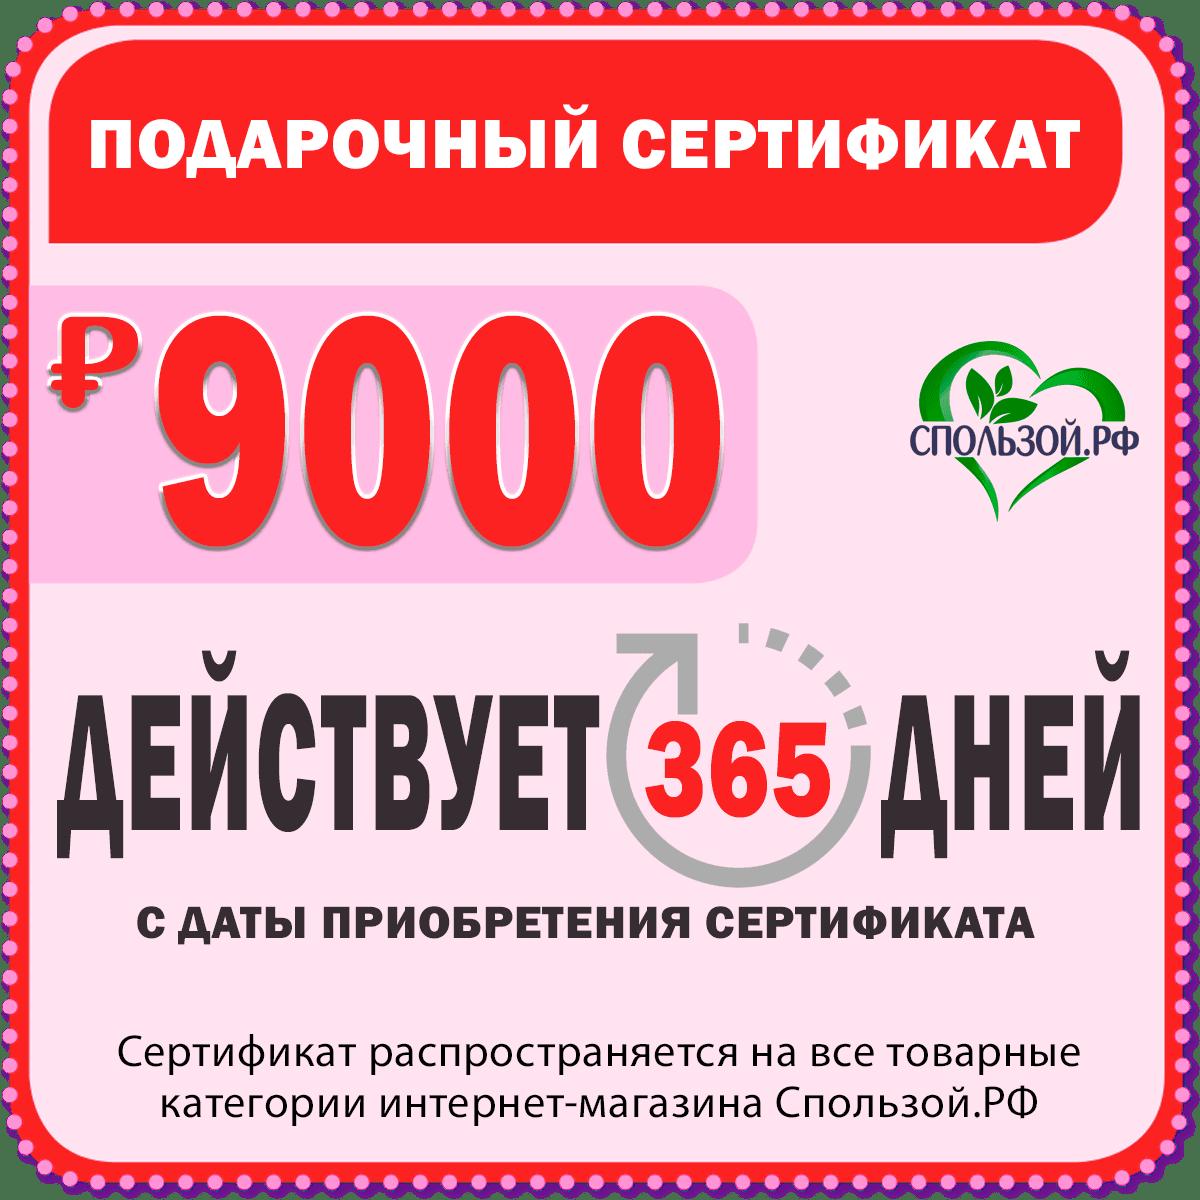 discount certificate 9000 rubles